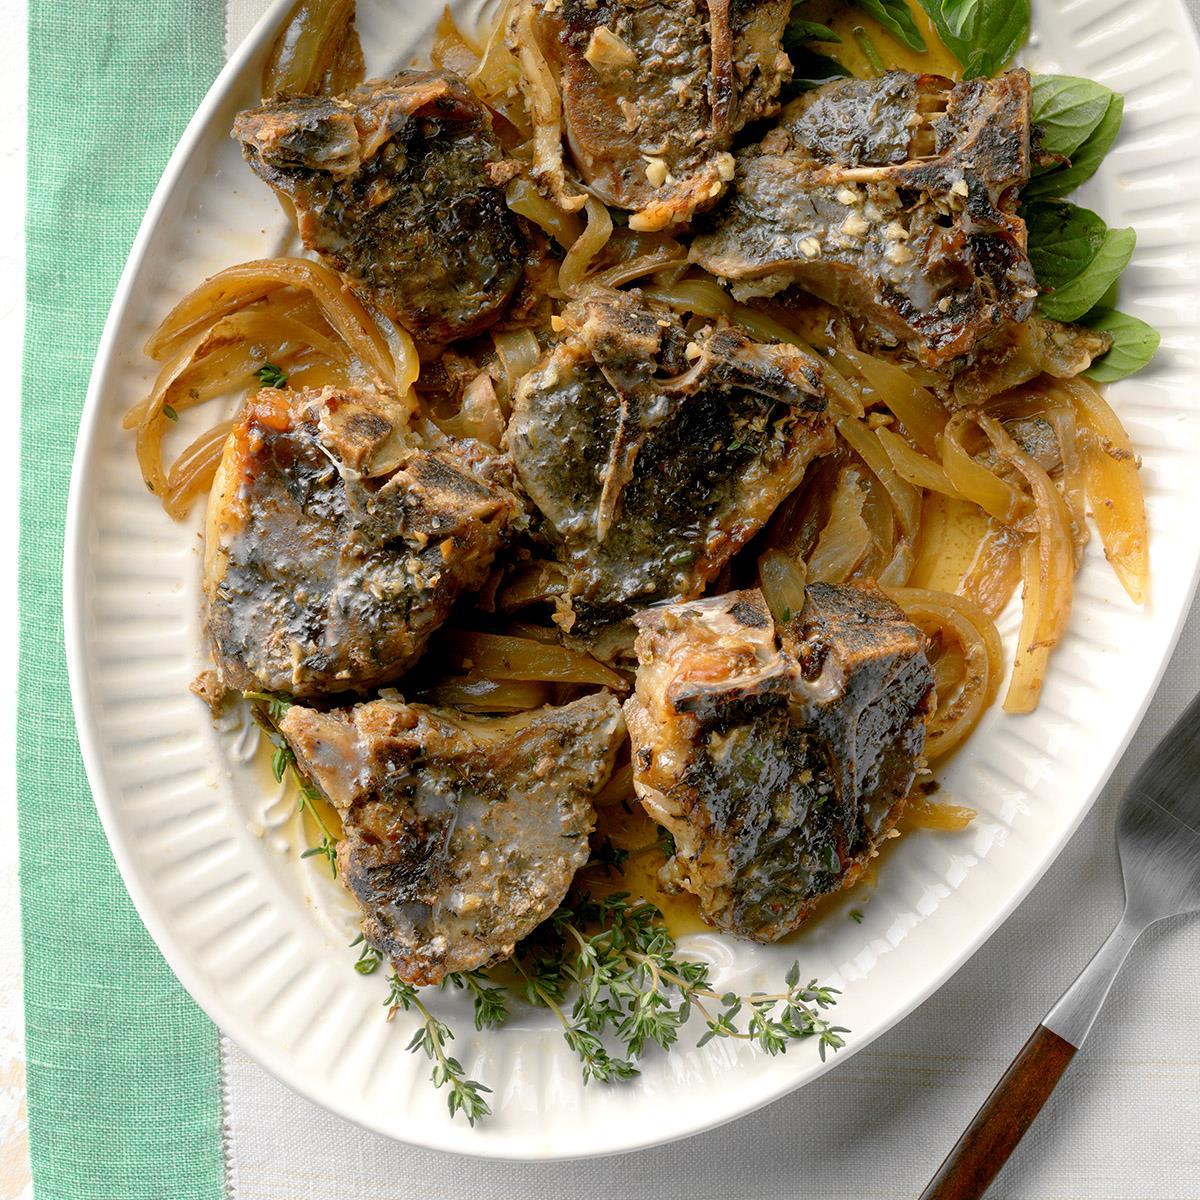 lamb chop recipe crock pot Slow-Cooked Lamb Chops